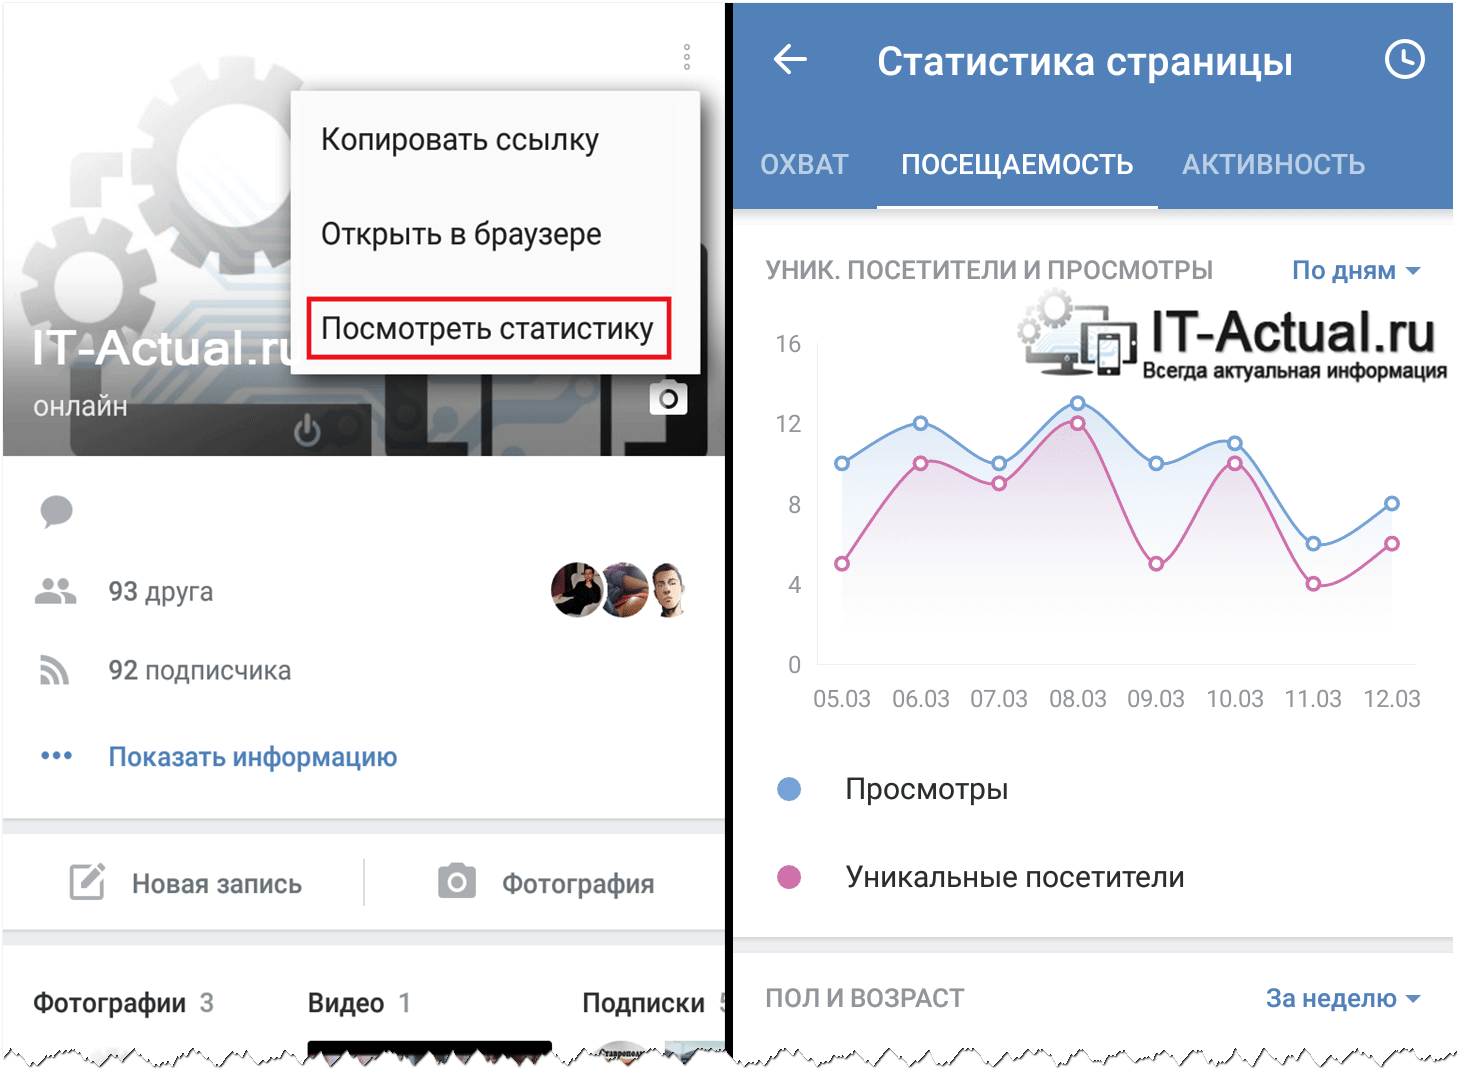 Как открыть страницу статистики ВК в мобильном приложении